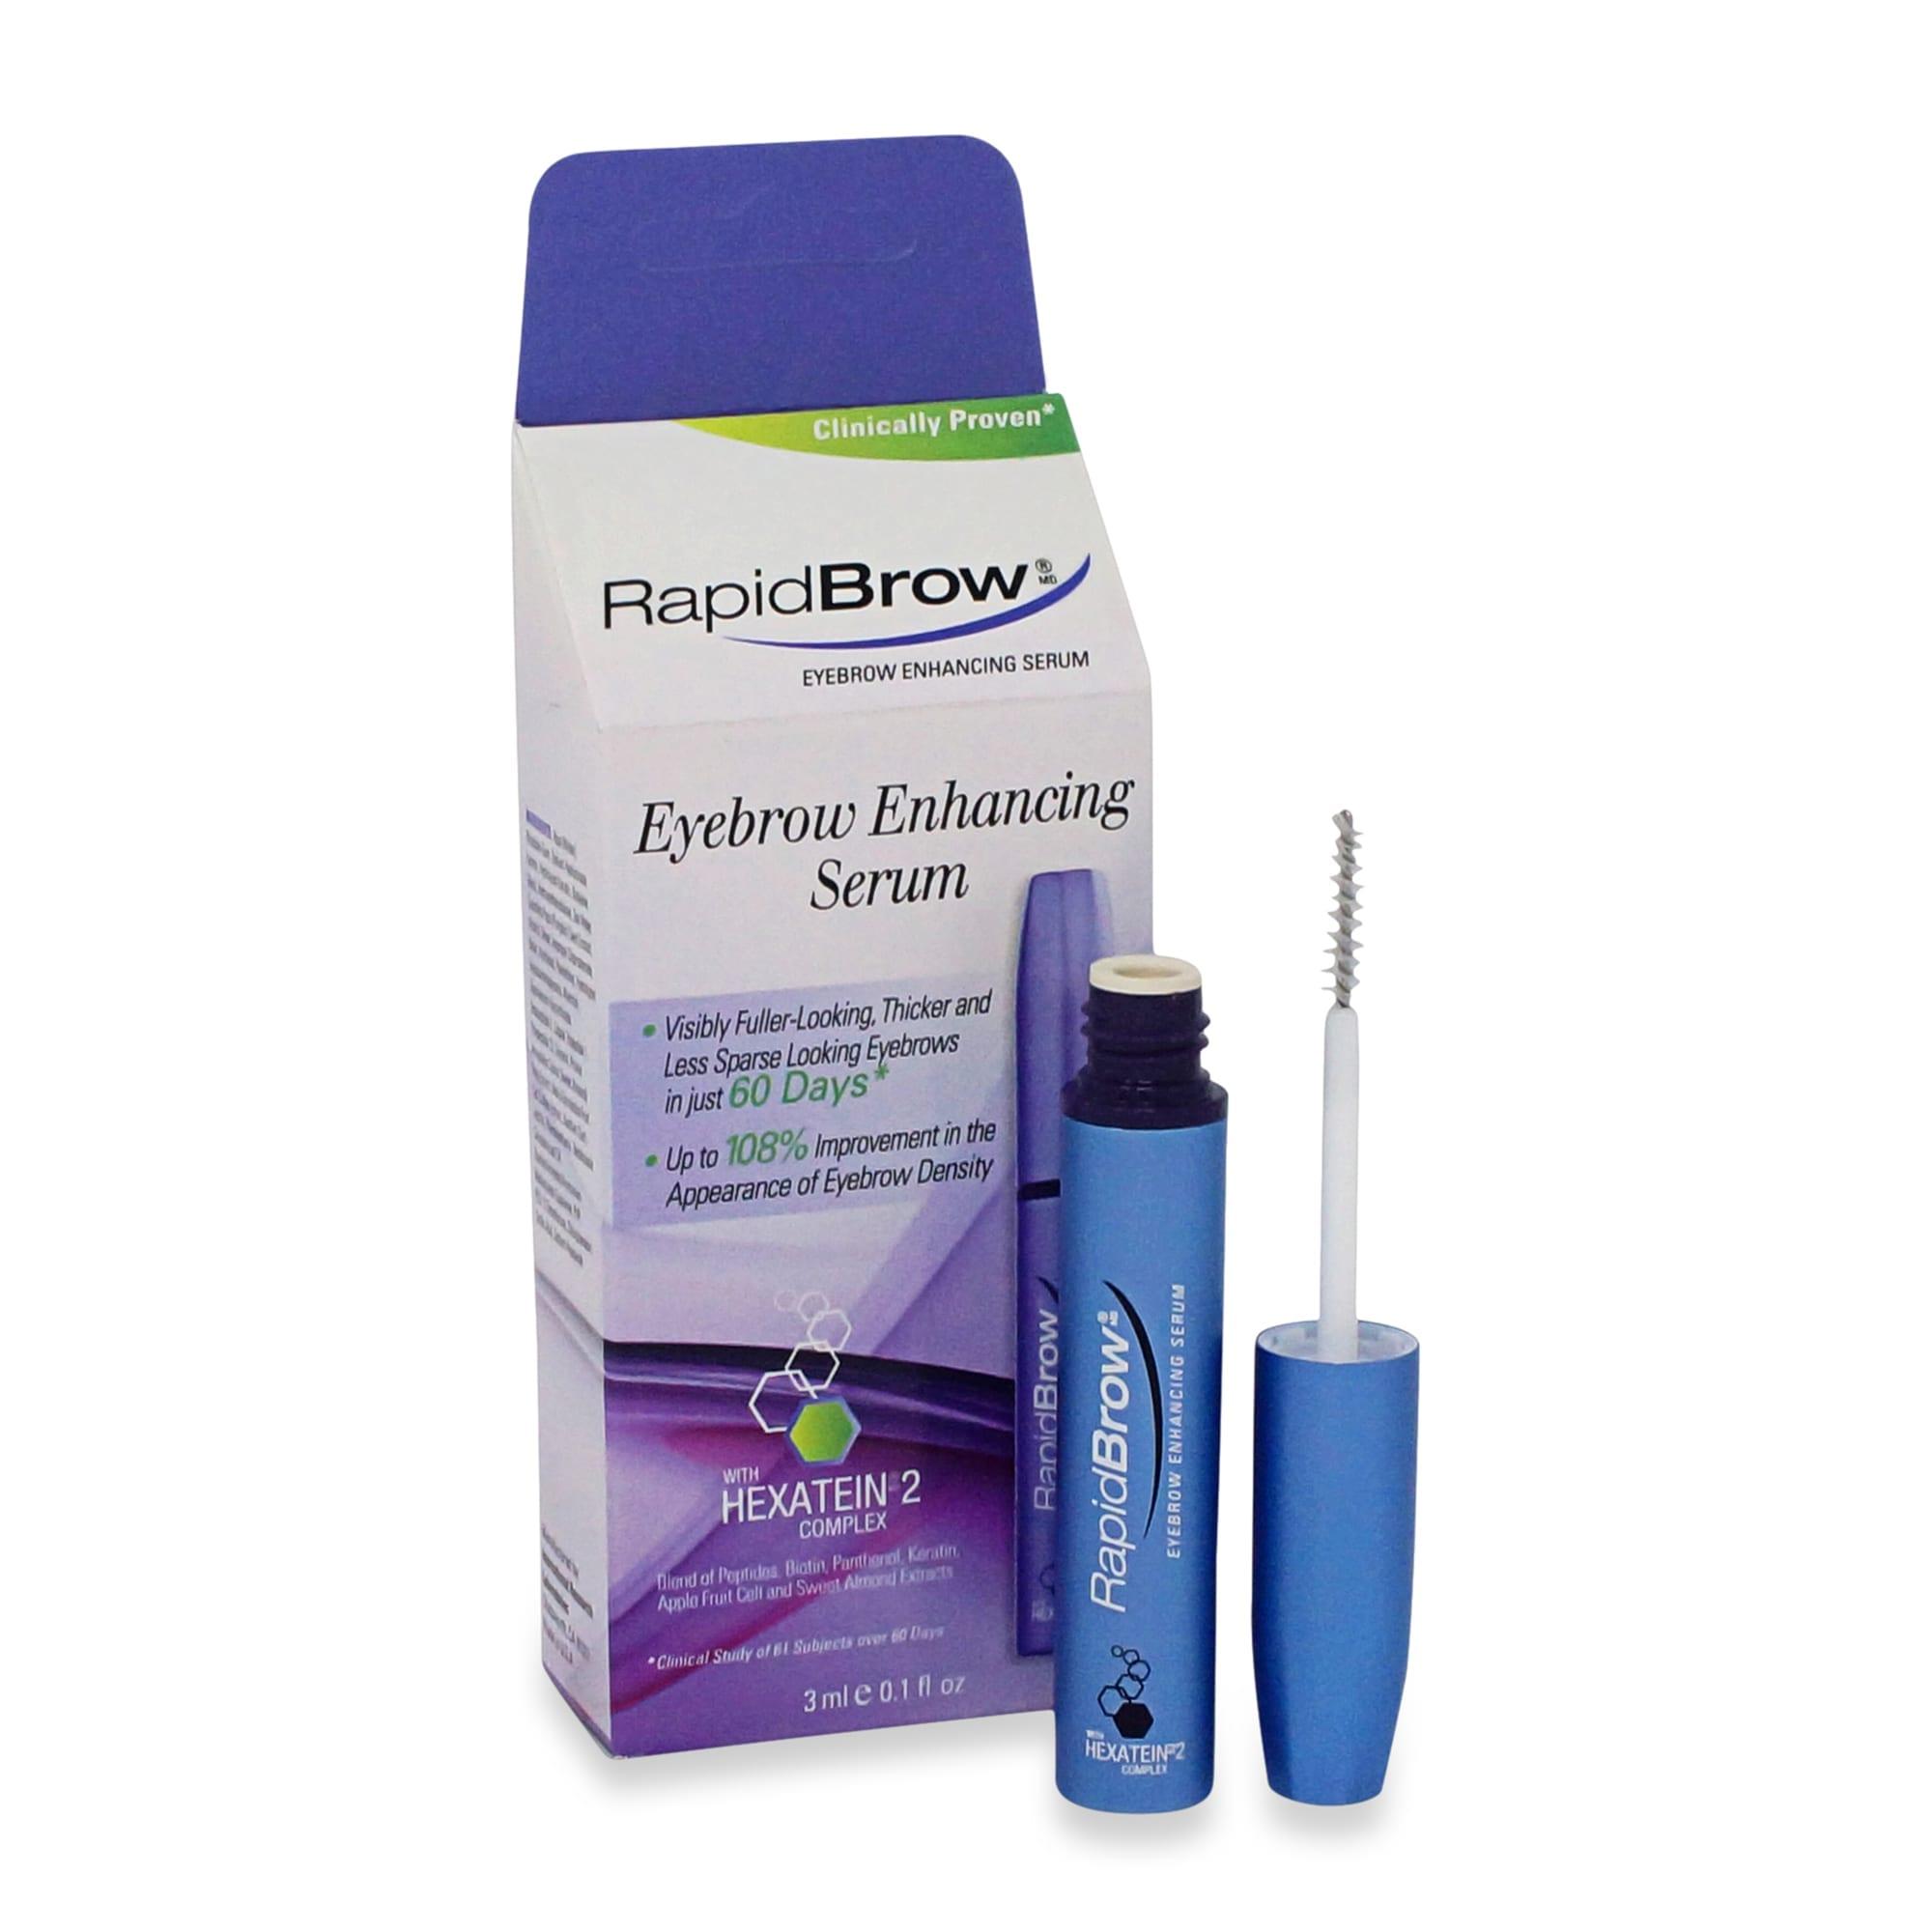 Rapidbrow Eye Brow Enhancing Serum 0.1 Oz